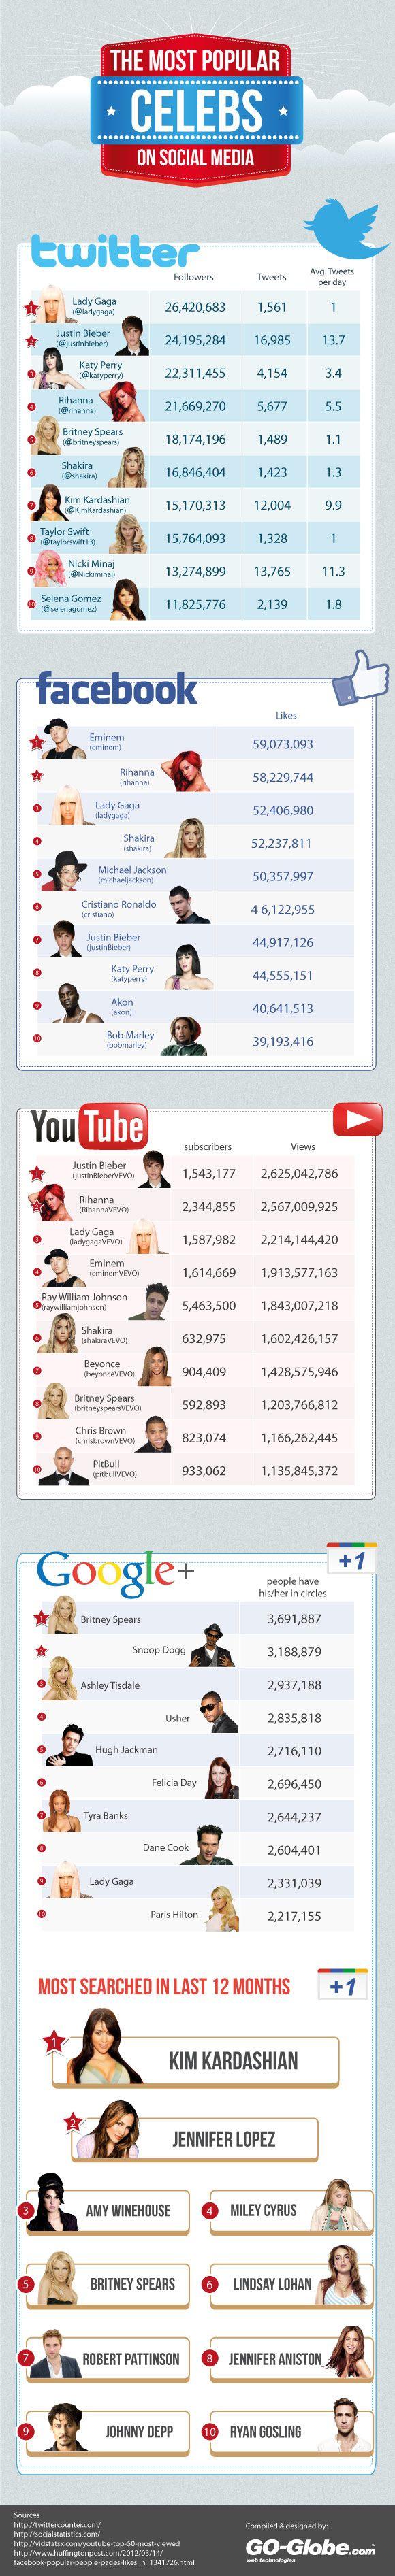 Los famosos más populares en cada red social    http://www.trecebits.com/2012/07/15/los-famosos-mas-populares-en-cada-red-social/